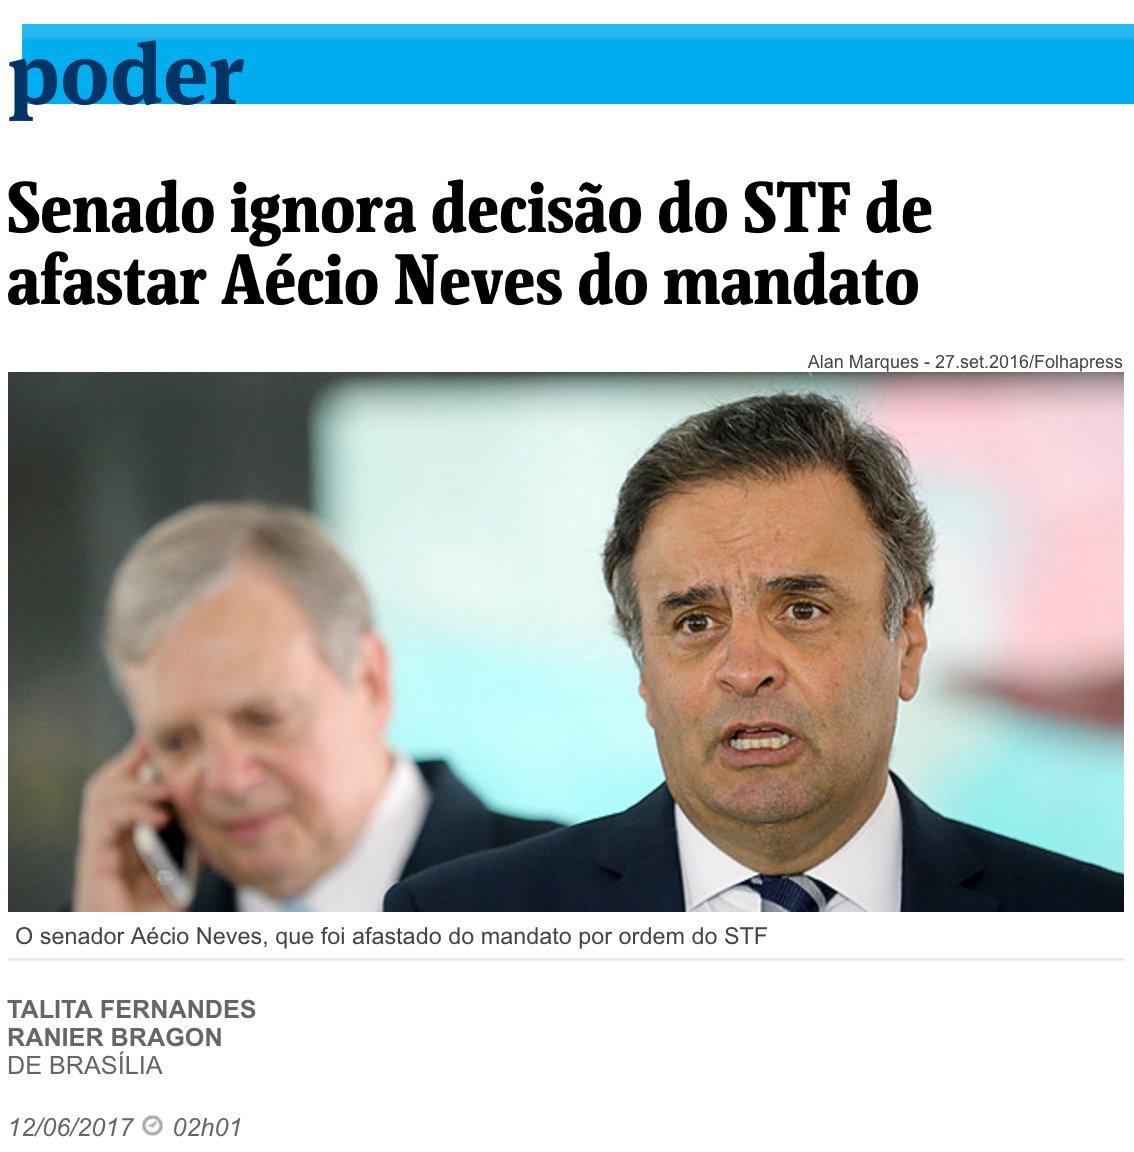 Desobediência ao STF ocorre sem punição alguma. Enquanto isso no Senado a decisão de afastar Aécio do mandato é ignorada solenemente